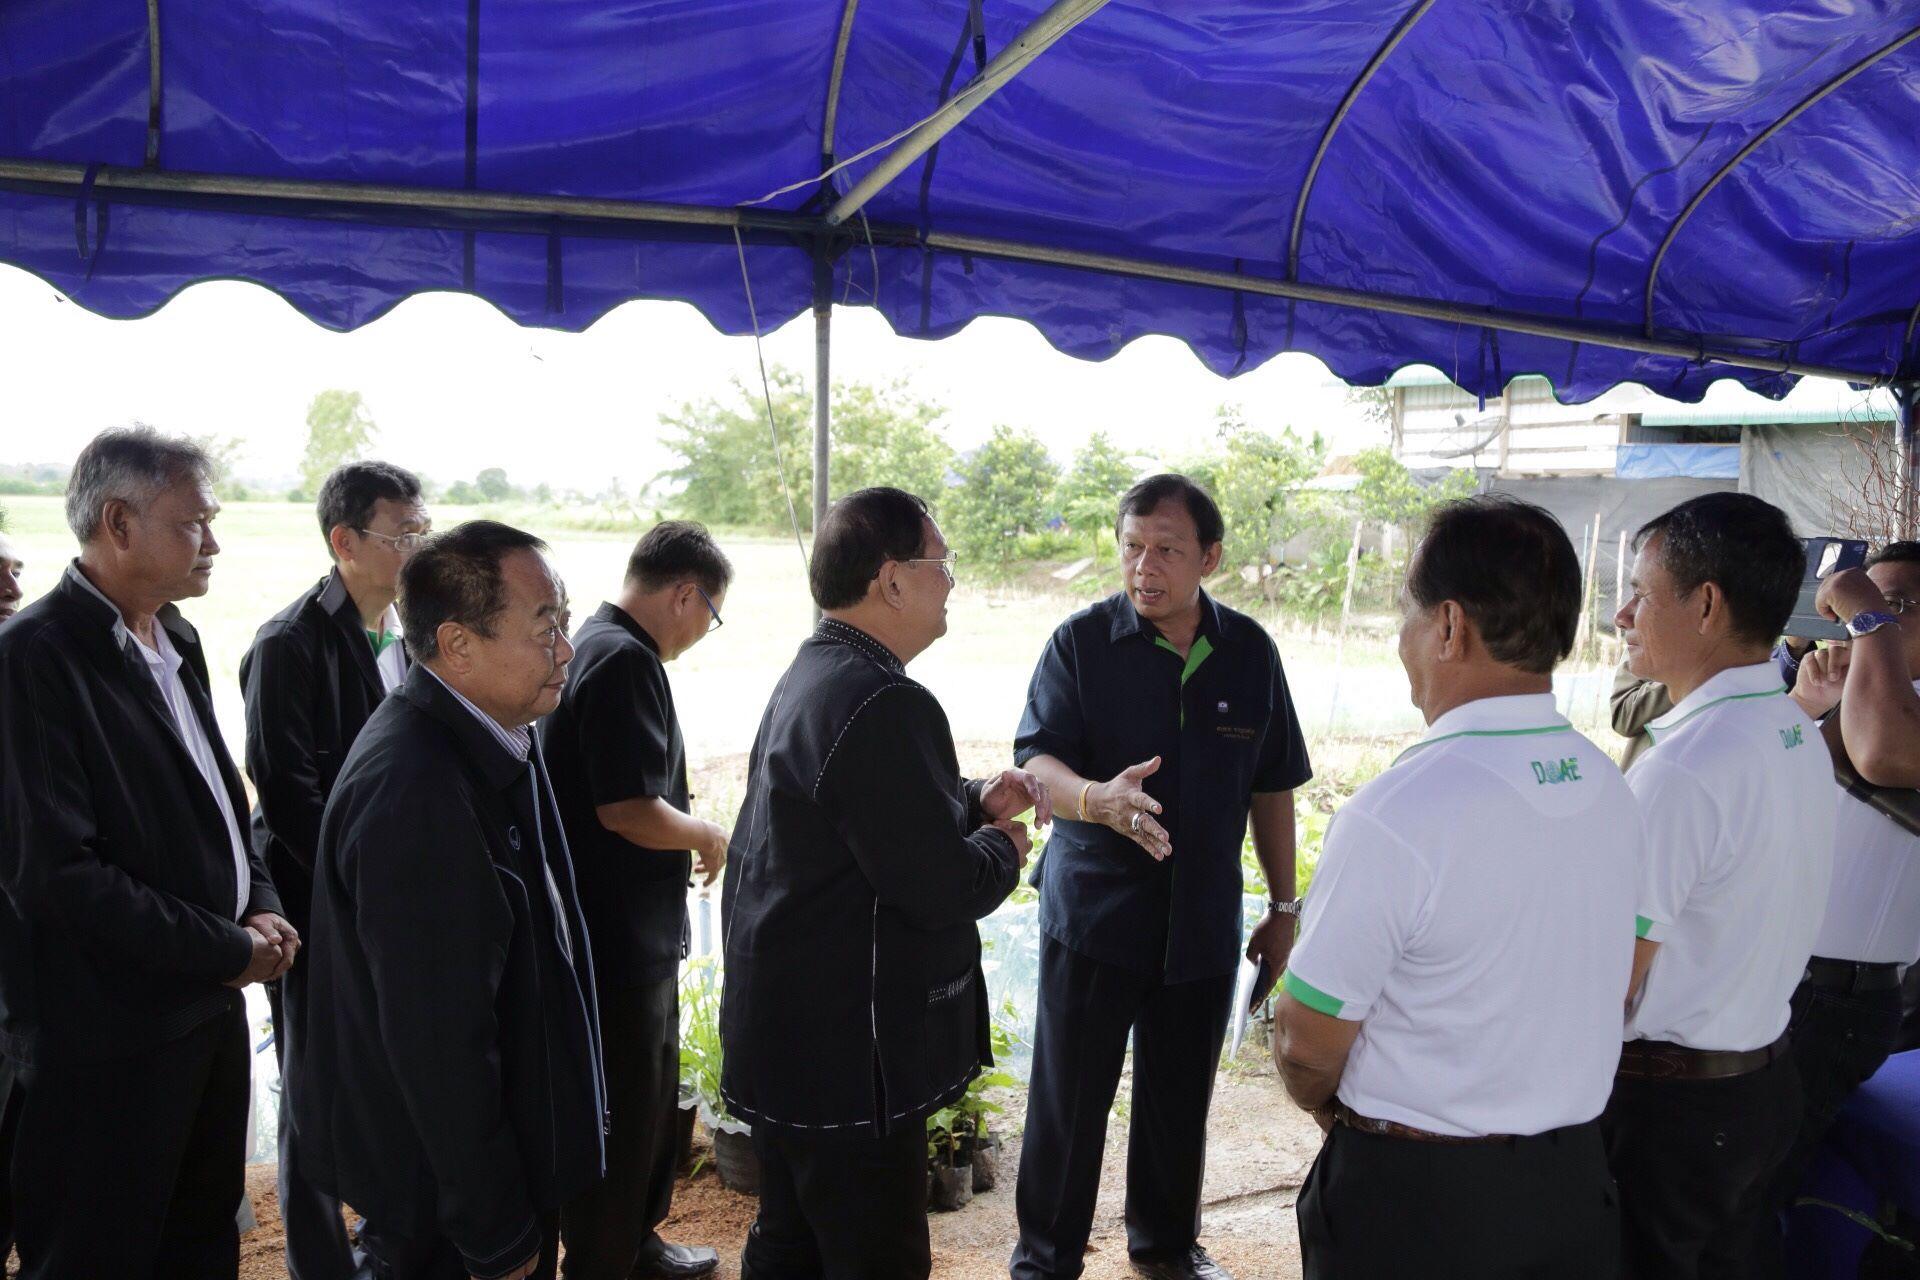 นายสมชาย ชาญณรงค์กุล อธิบดีกรมส่งเสริมการเกษตร กำลังหารือร่วมกันกับหลายภาคส่วน